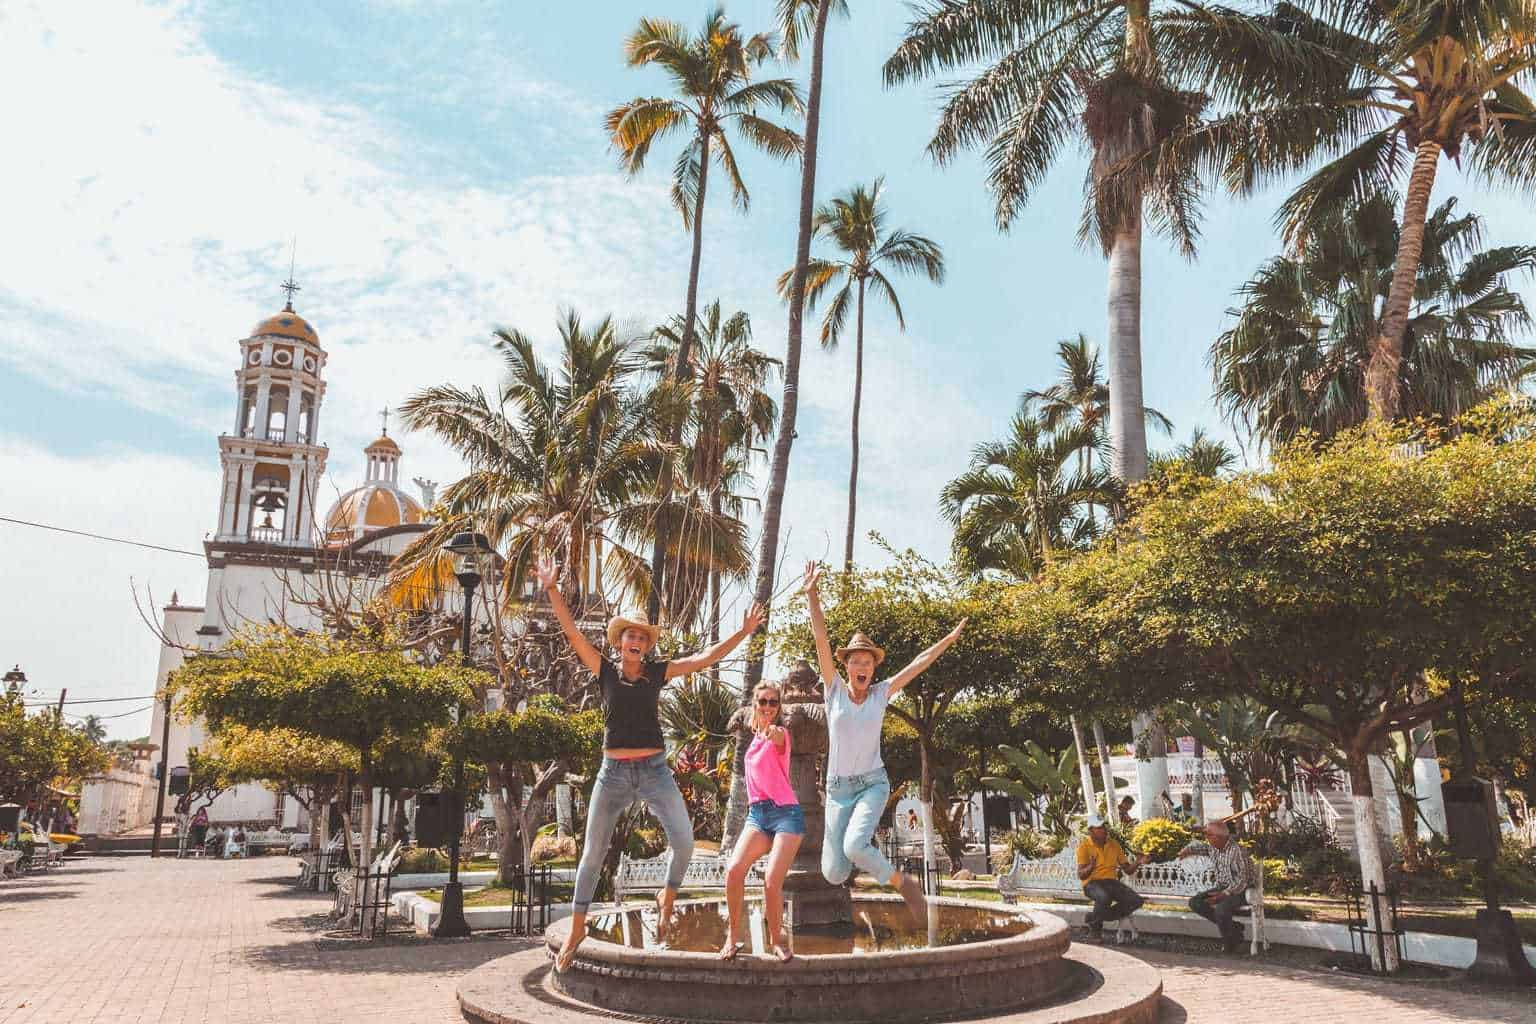 Que hacer en Comala Colima. Foto: comalapueblomagico